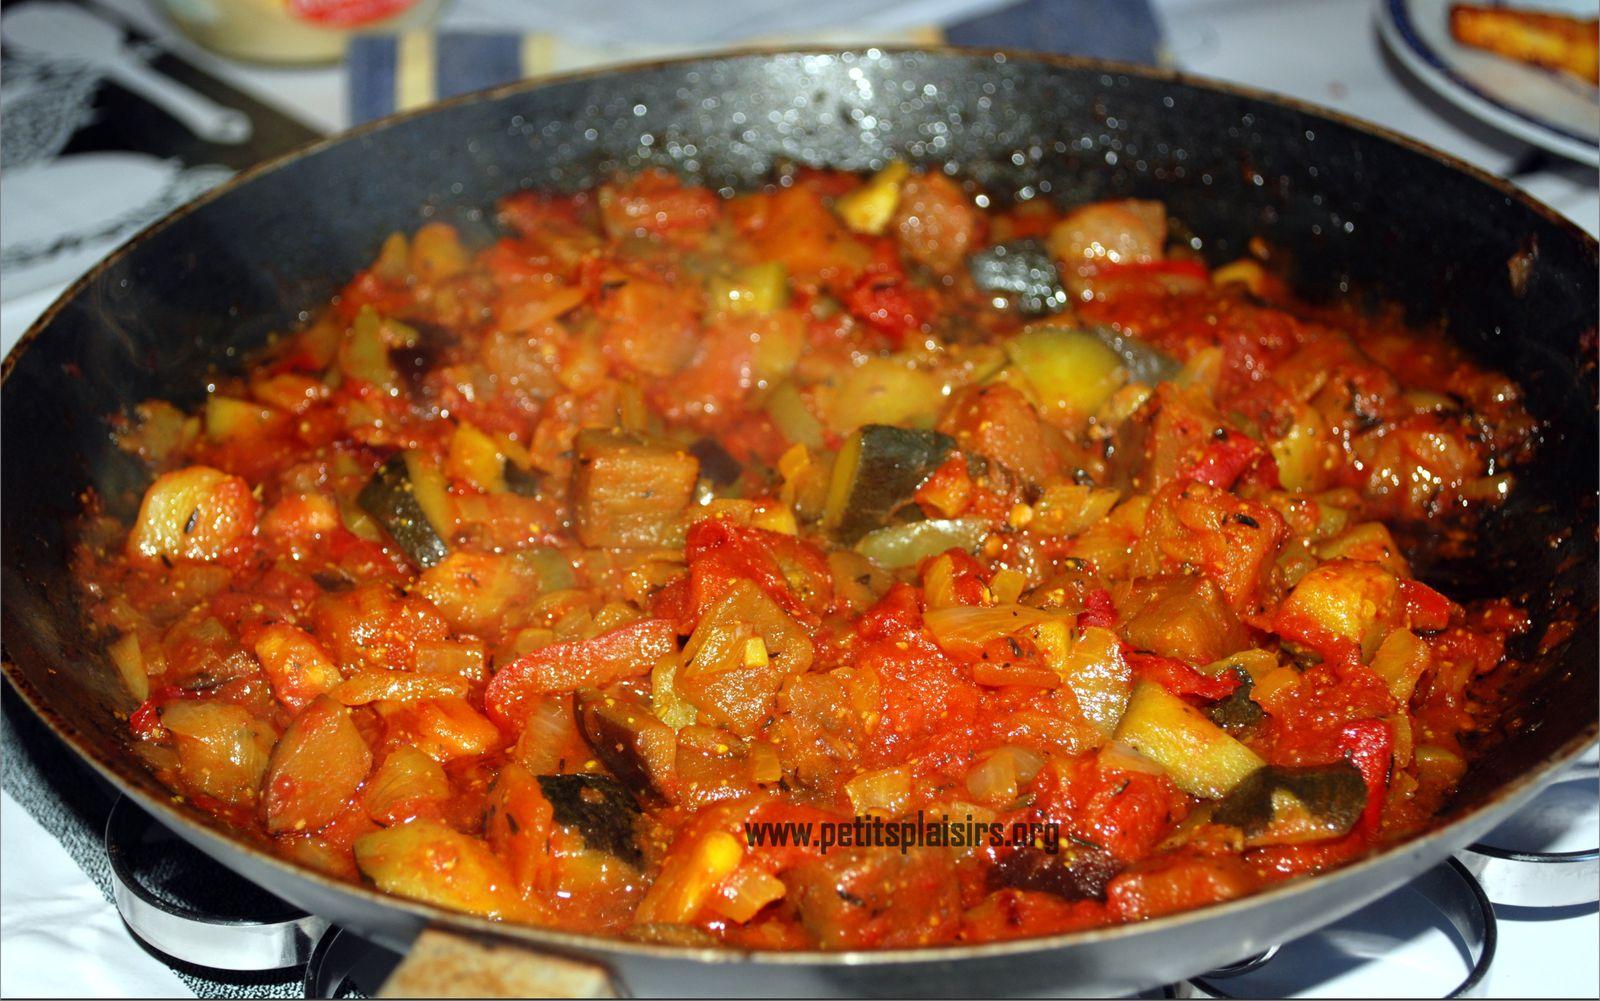 Recette ratatouille facile - Recette cuisine provencale traditionnelle ...